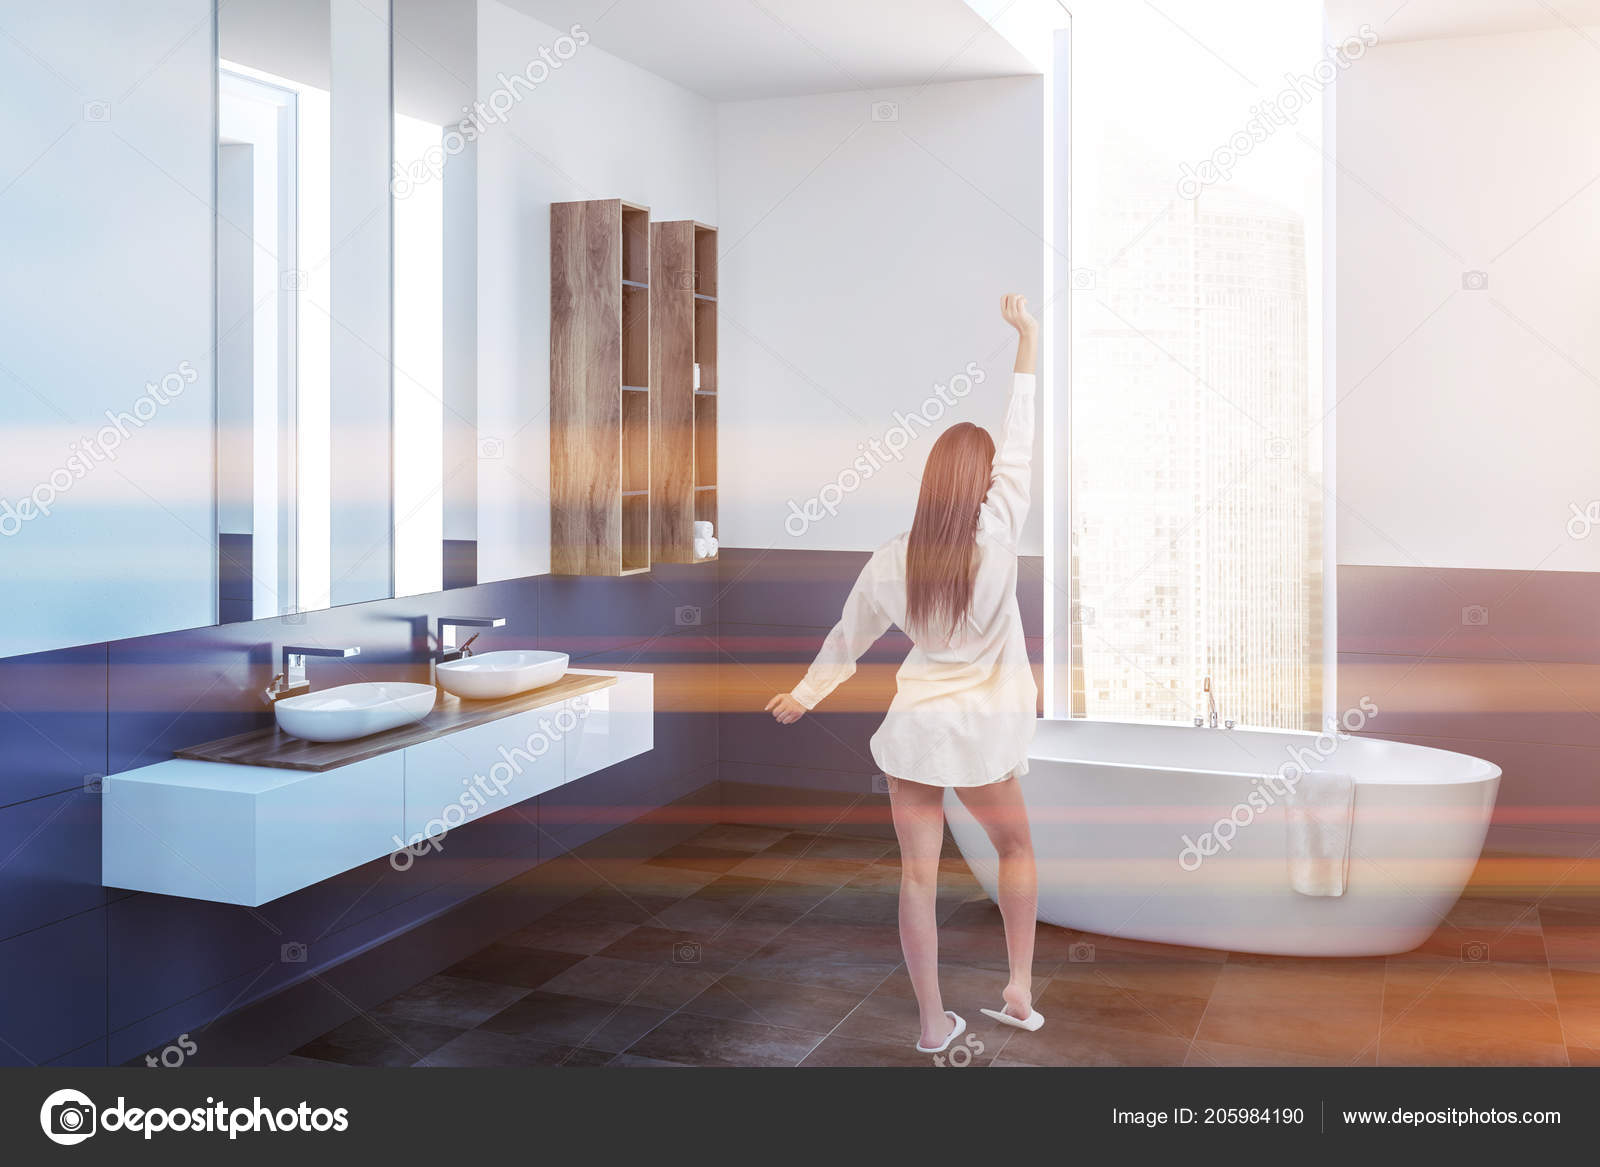 Femme Dans Un Coin De La Salle De Bains Moderne Avec Des Murs Blancs Et  Bleus, Un Sol Carrelé, Une Baignoire Blanche, Debout Sous La Fenêtre, ...